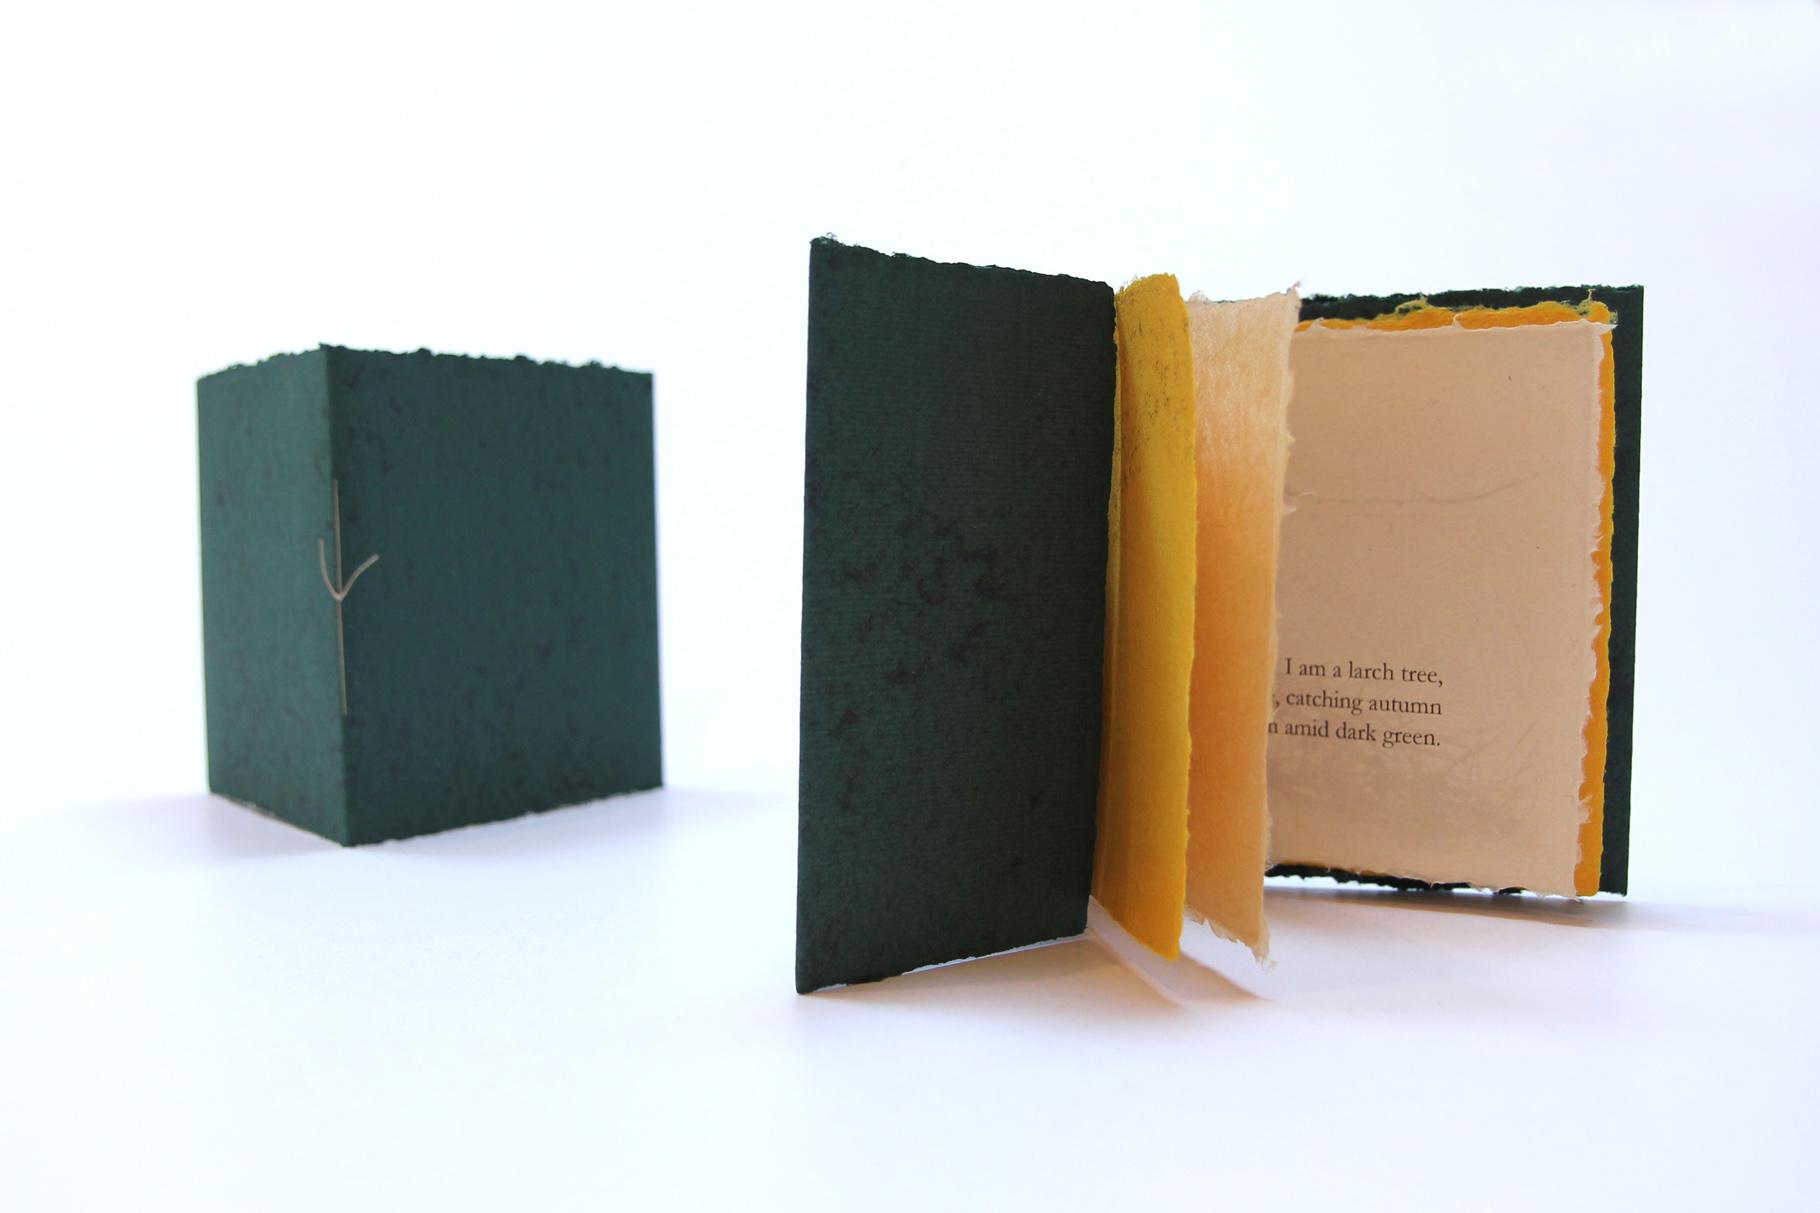 """""""I am a larch tree"""" (2020) - Ein Heft, gestaltet von John Gerard mit einem Haiku von Kevin Perryman"""